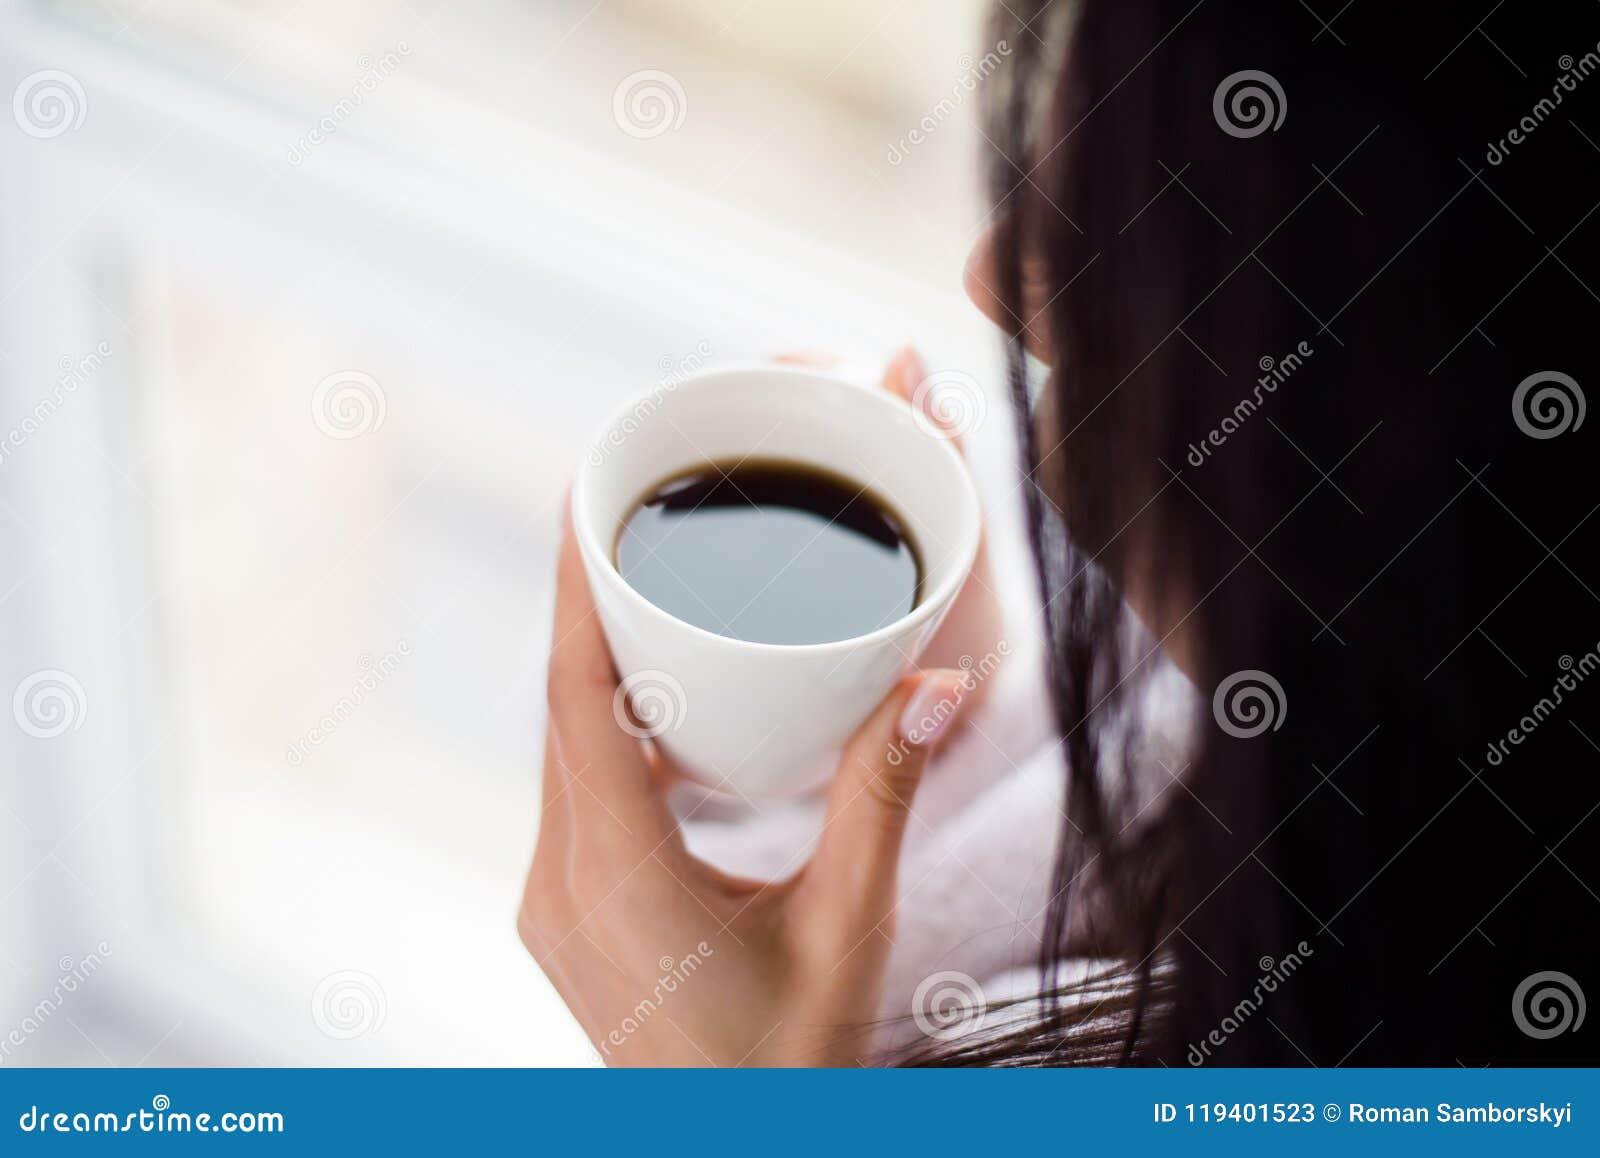 Temps de café ! Fermez-vous vers le haut de la photo cultivée de la femme buvant du café chaud